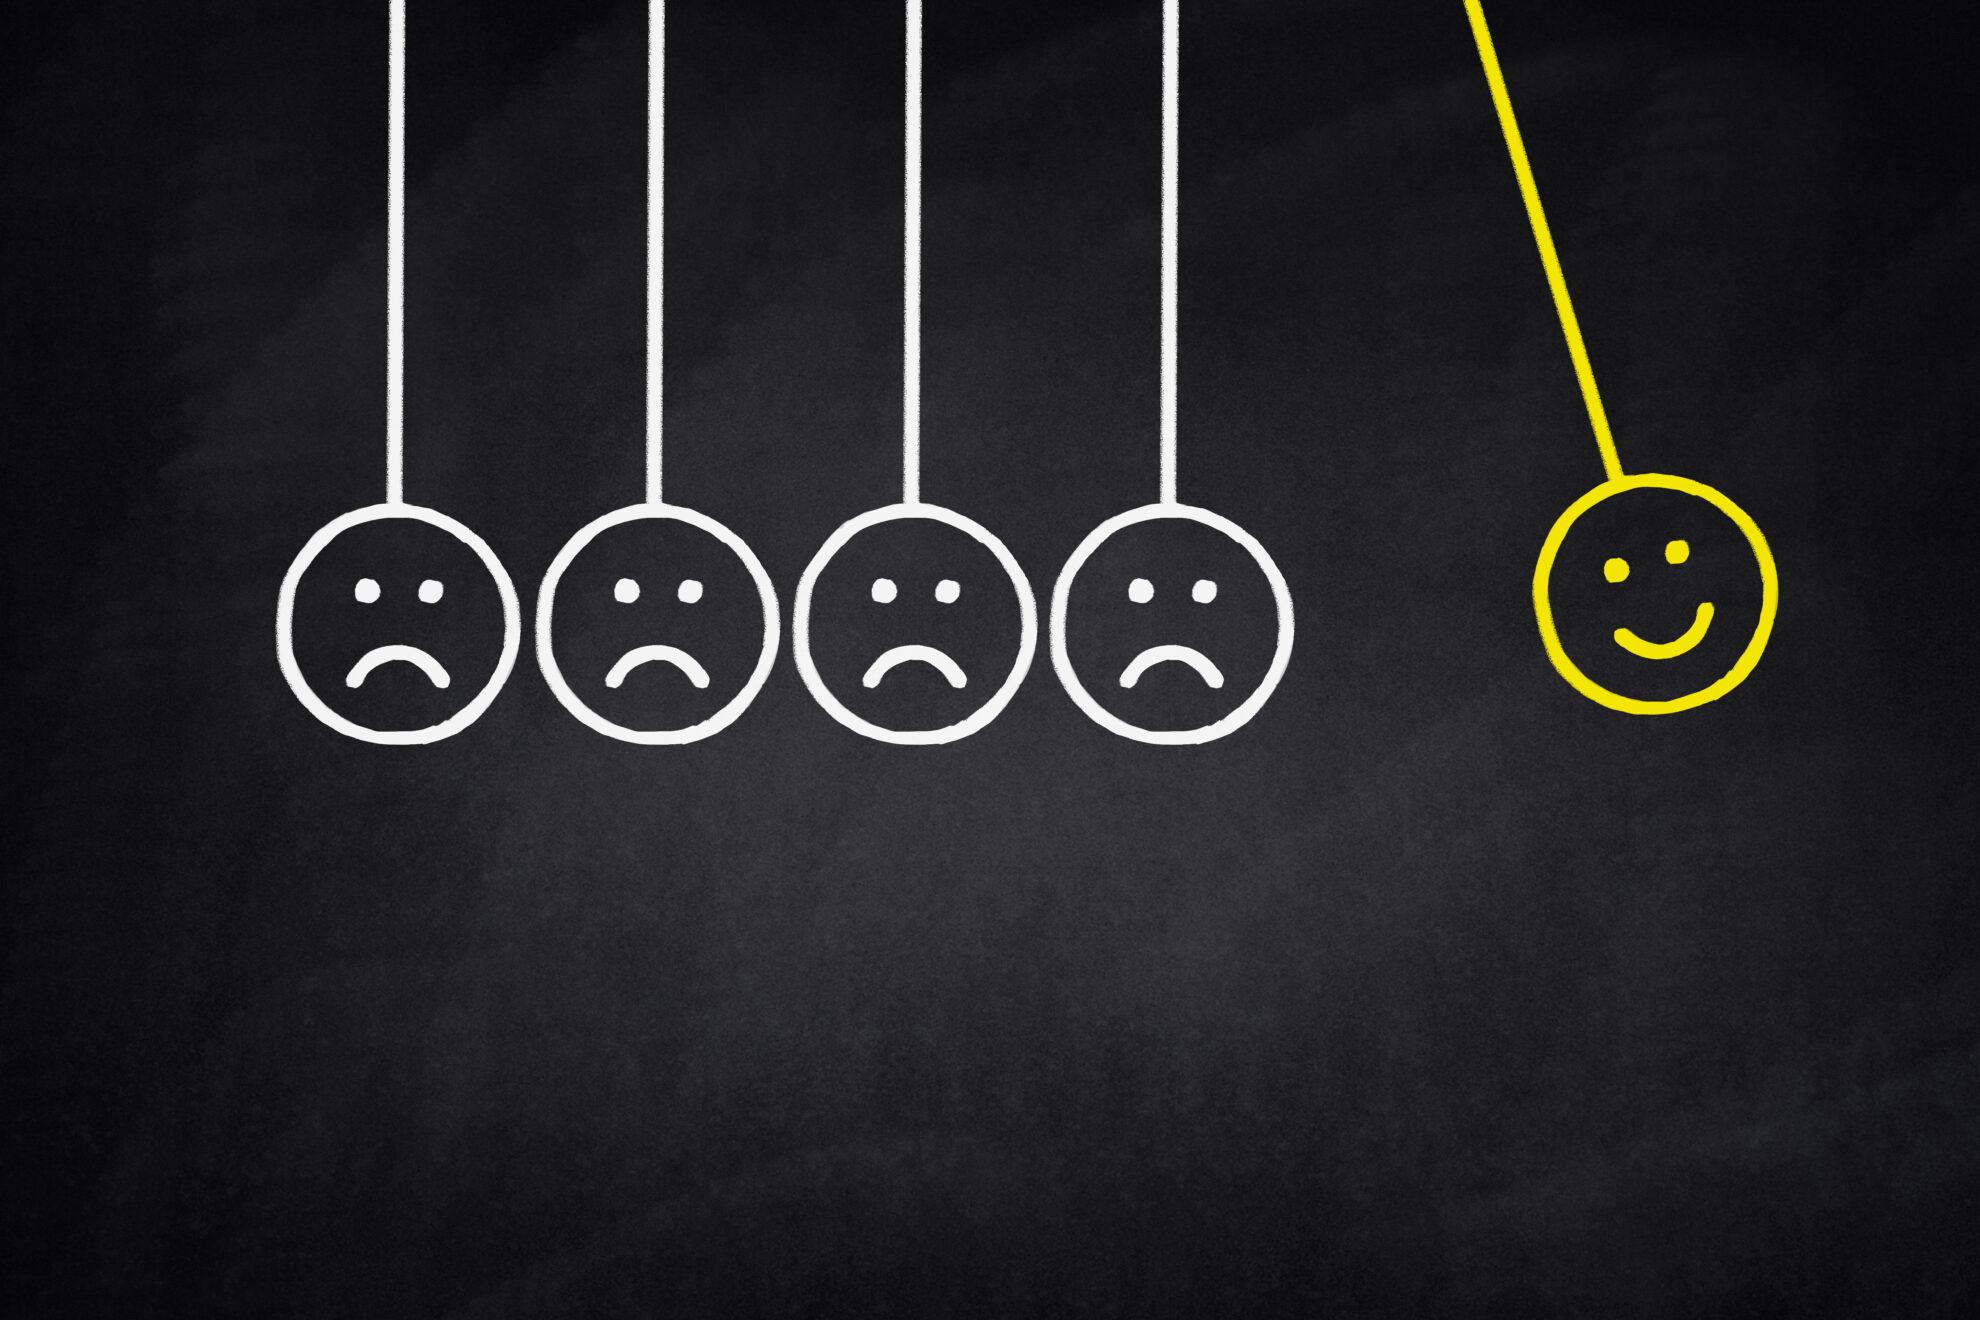 carlos velo depresión ansiedad psicología clínica